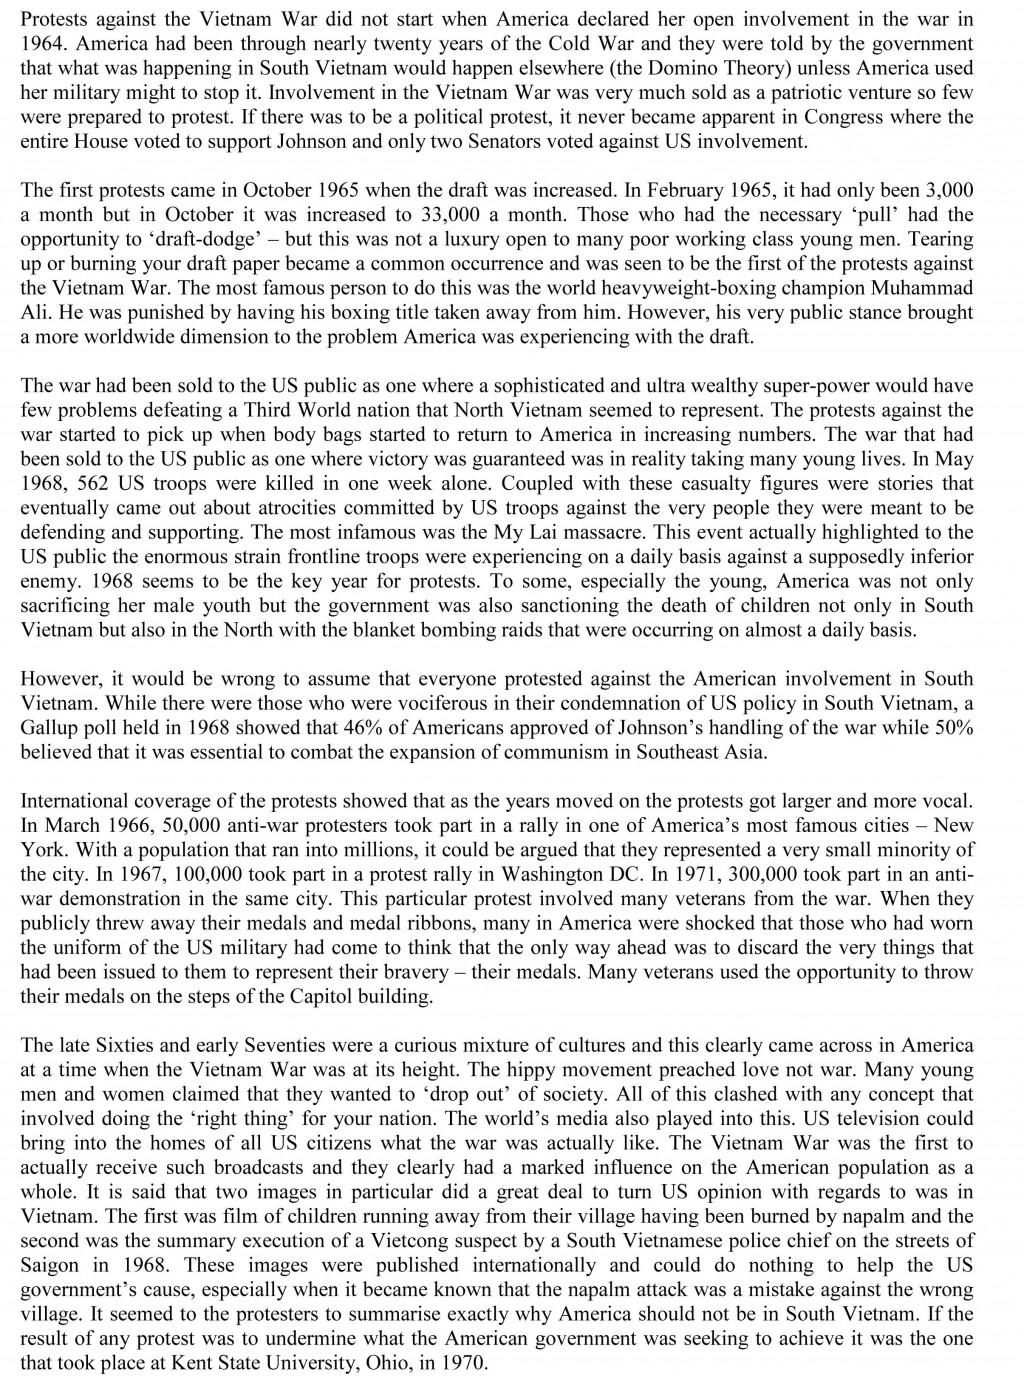 020 Narrative Descriptive Essay Example Vietnam Impressive Pdf About Earthquake Outline Large